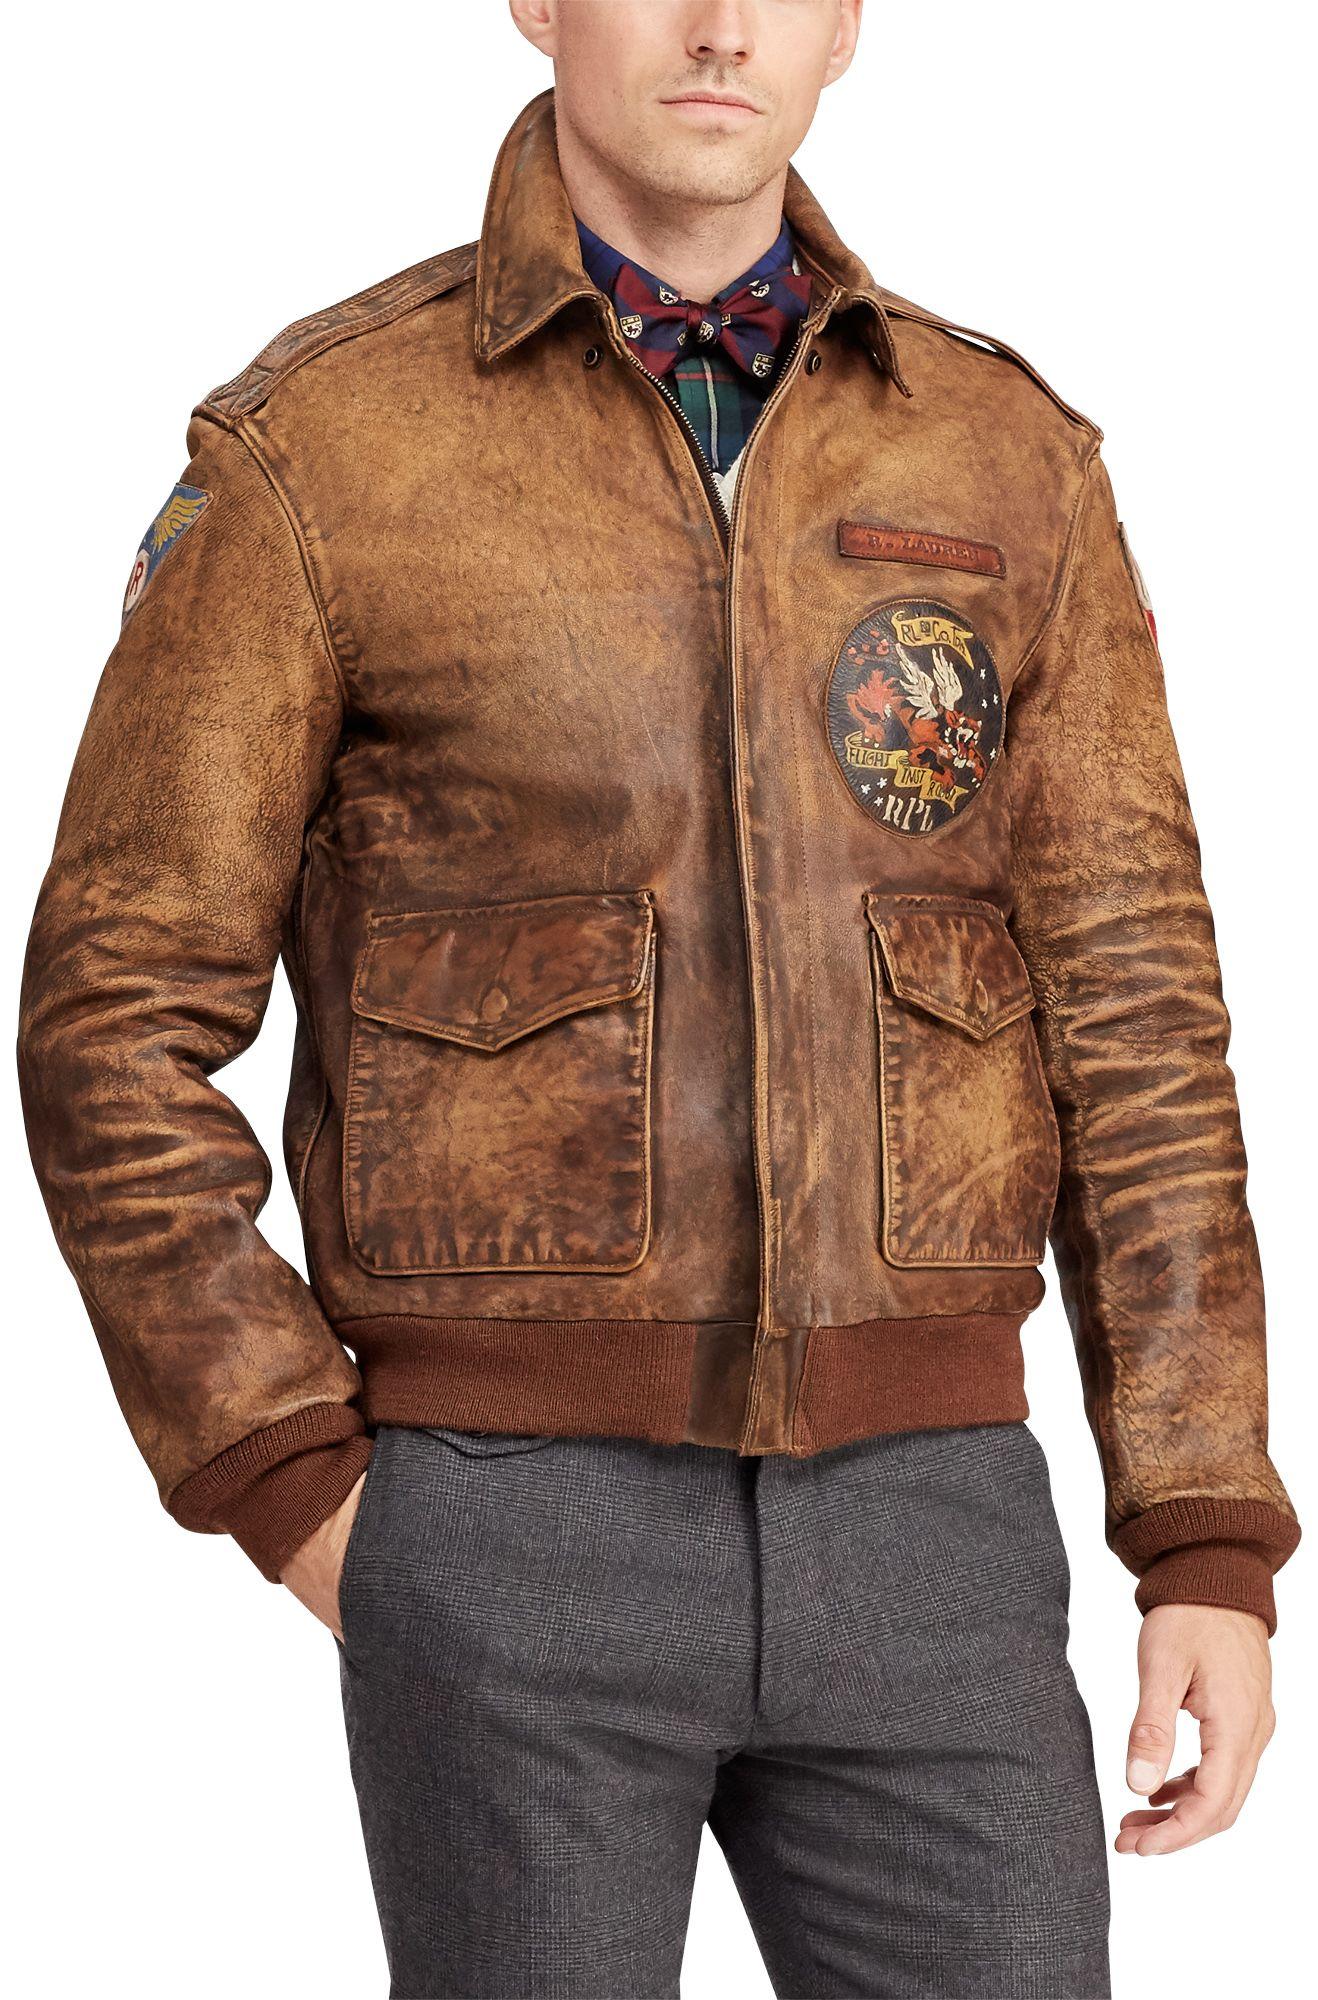 Polo Ralph Lauren Leather Bomber Jacket Chaqueta De Moda Para Hombre Moda Ropa Hombre Chaquetas De Moda [ 2000 x 1318 Pixel ]